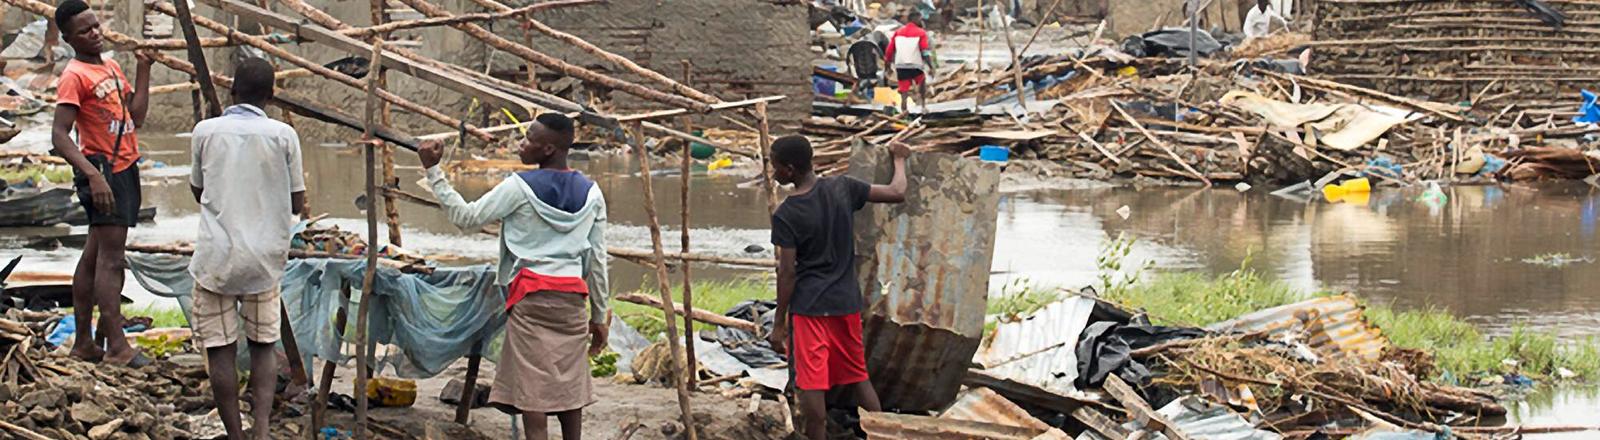 Männer stehen vor zerstörten Häusern in Beira, Mosambik und versuchen, eine Hütte zu bauen